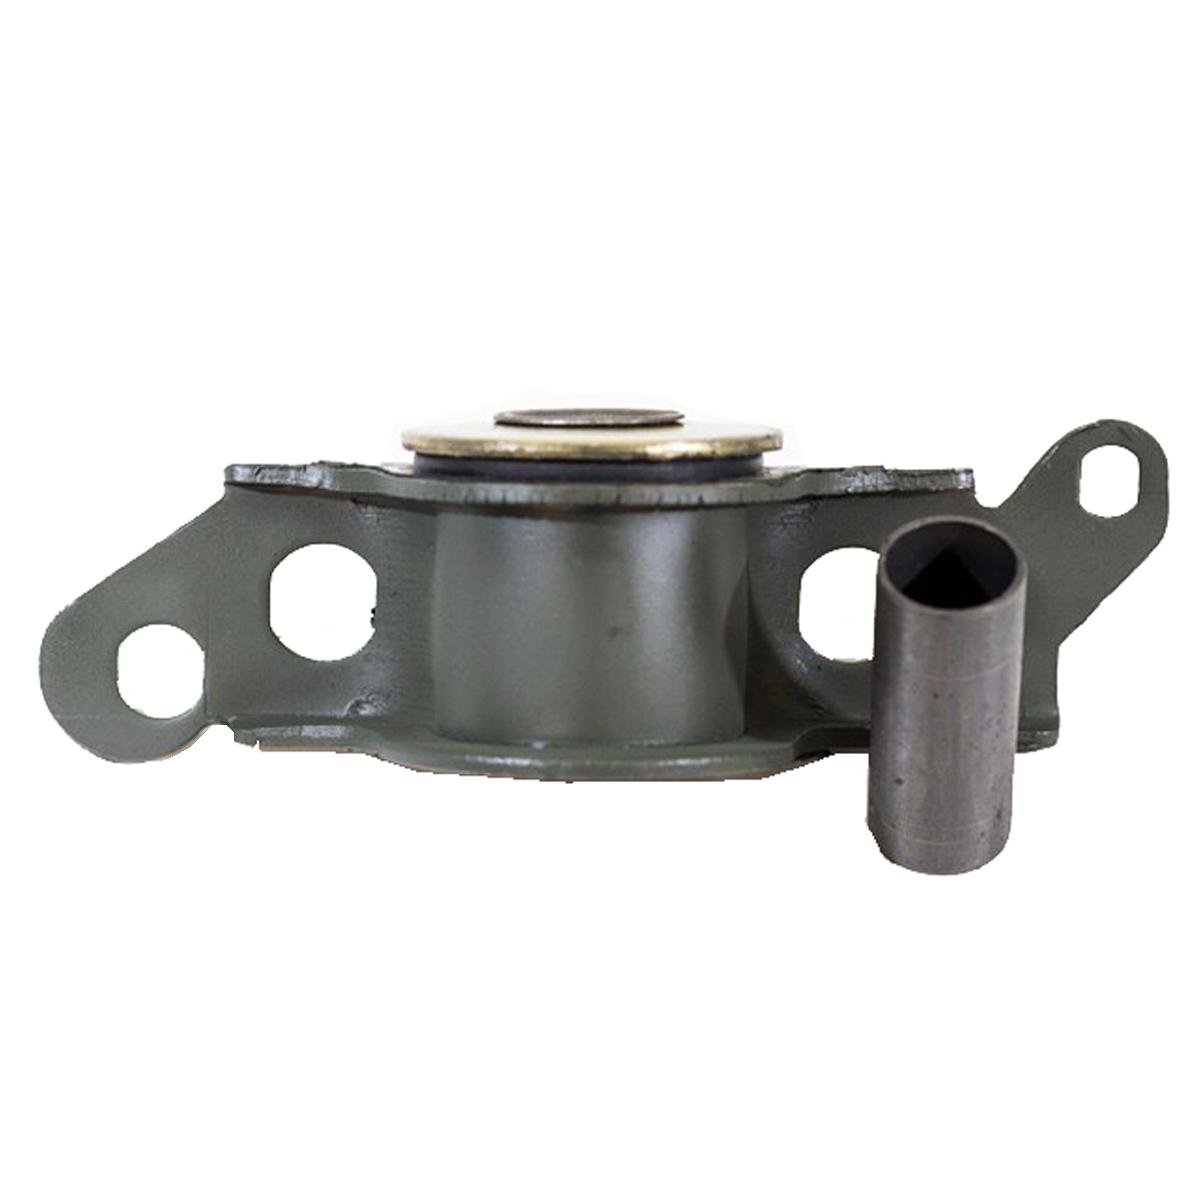 Coxim LD Traseiro Bandeja Suspensão Dianteira s/ Barra Estabilizadora 20mm Palio / Siena - W4037 Expedibor